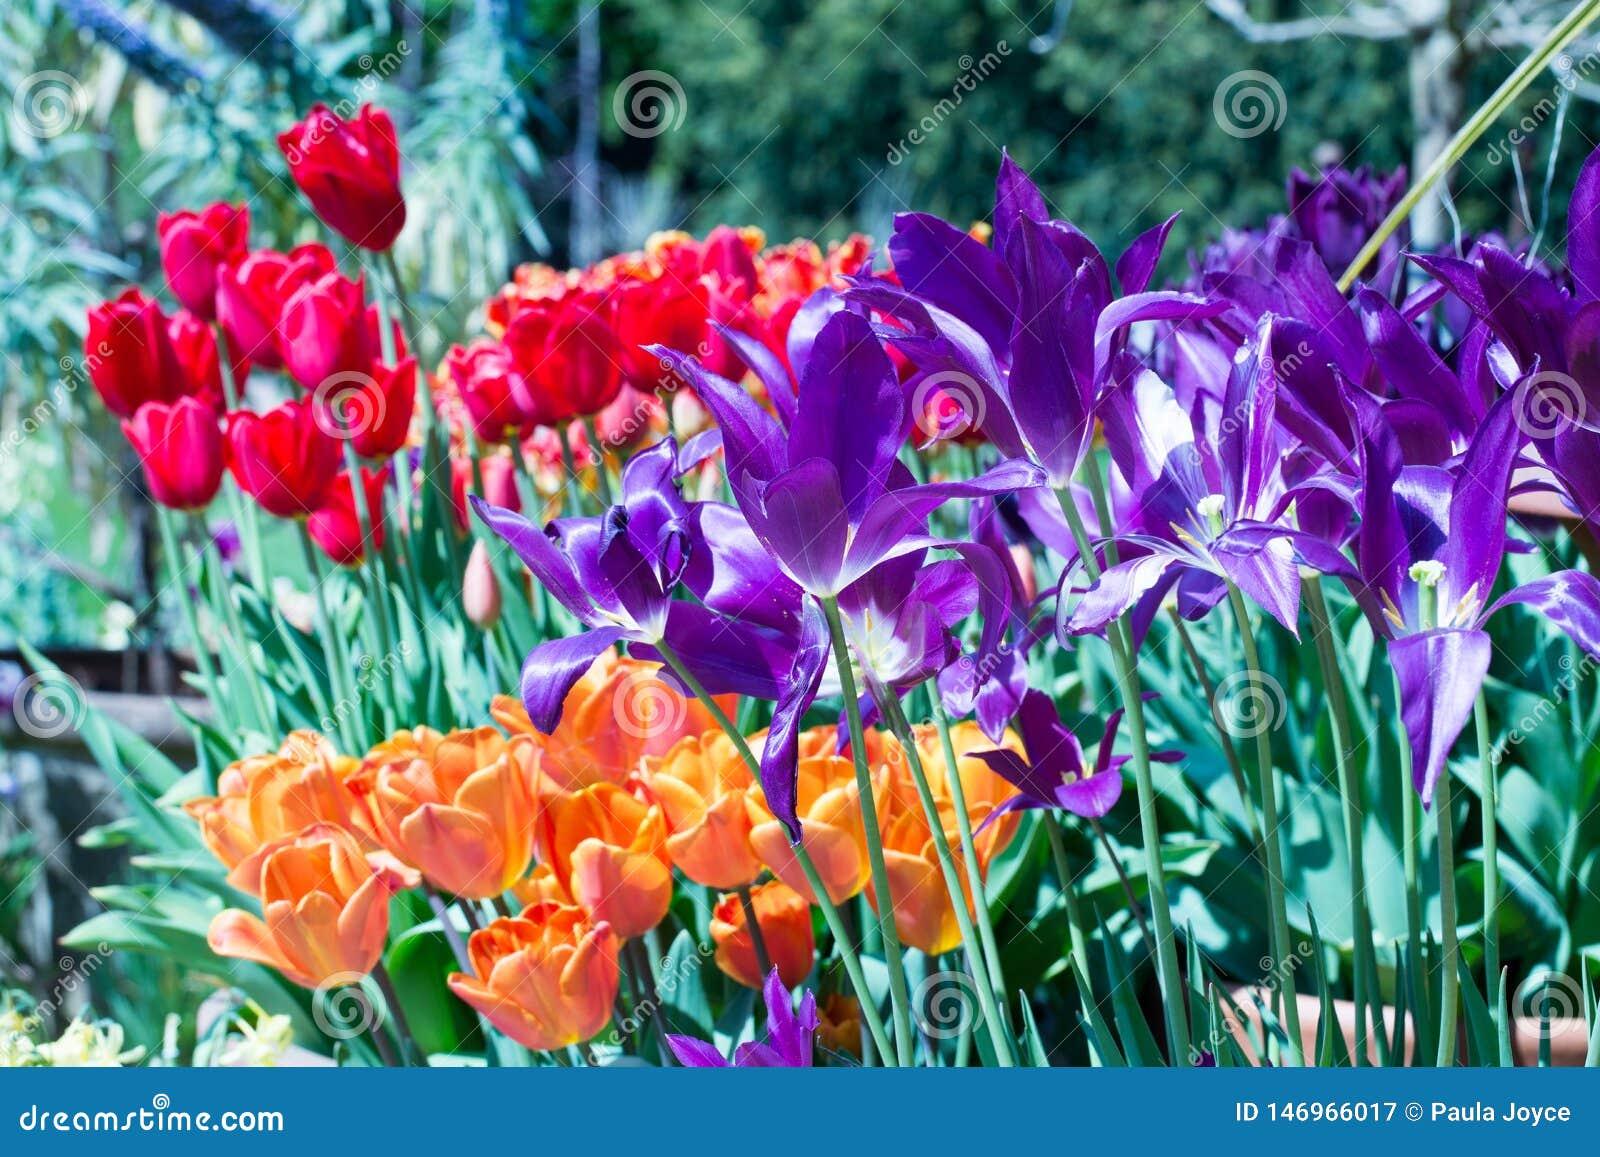 Flower bed full of vibrant multi-coloured Tulips in full bloom